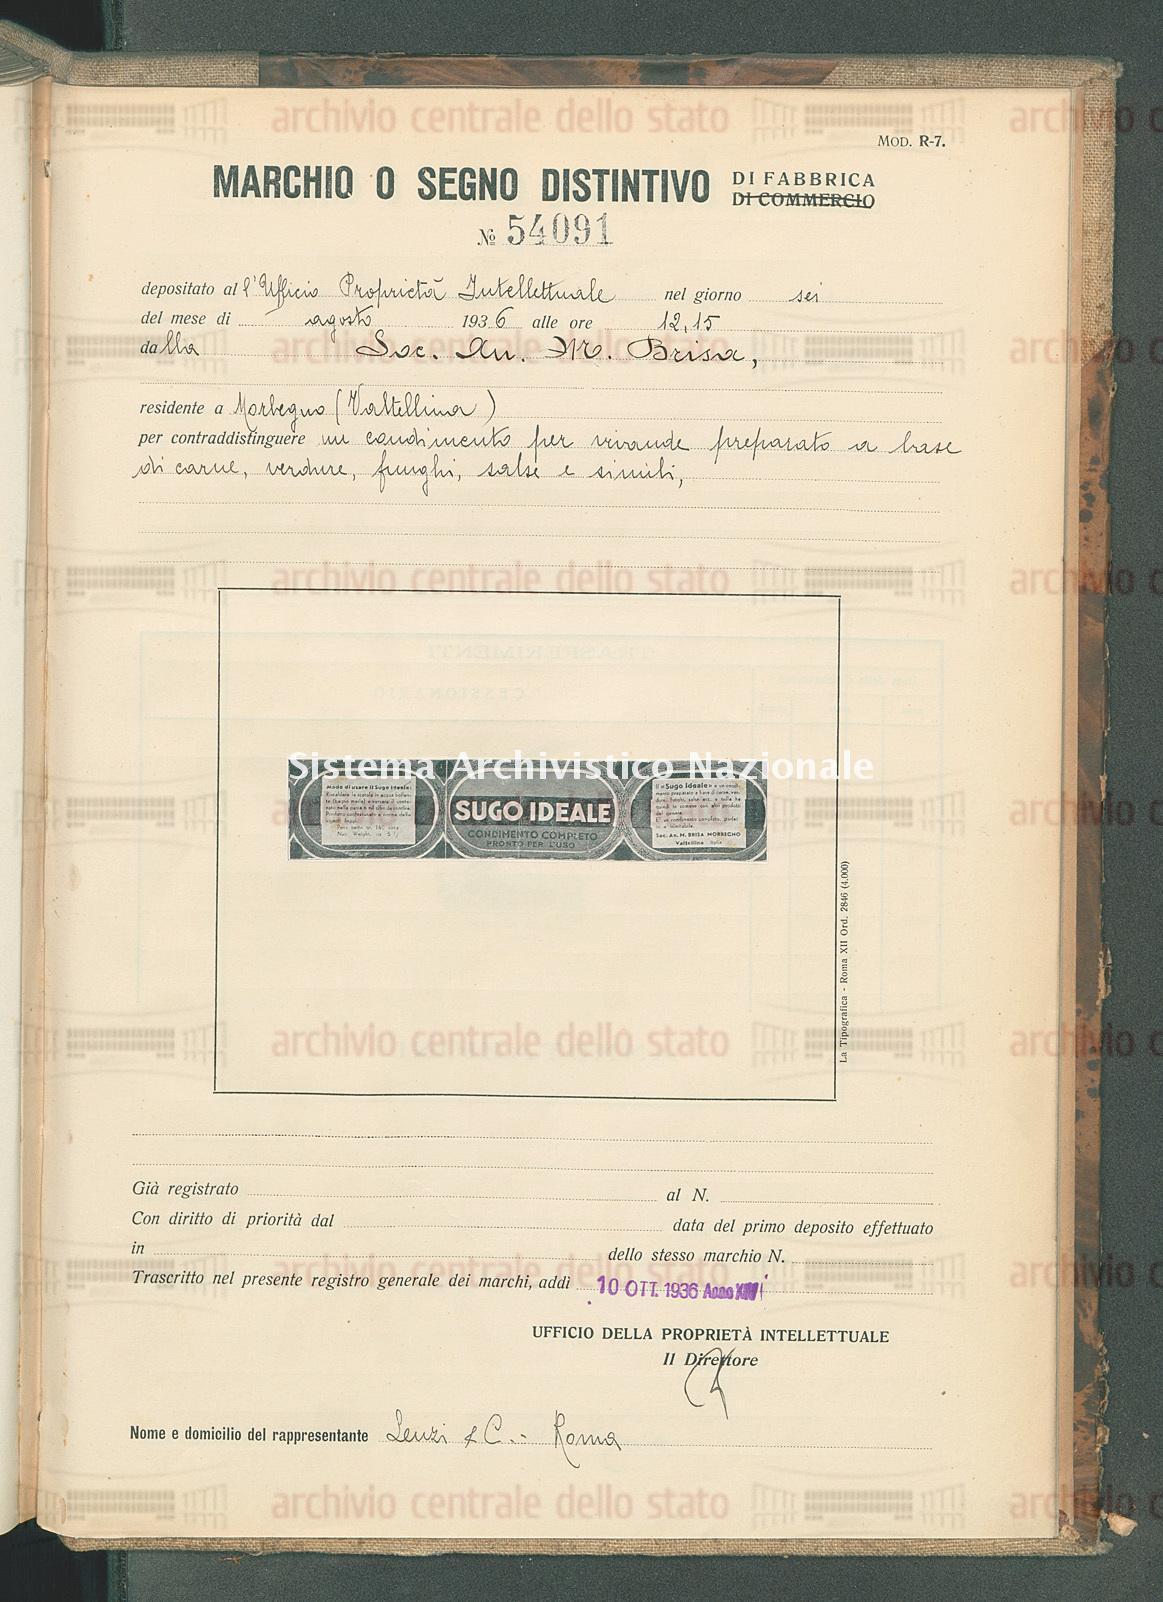 Un condimento per vivande etc. Soc.An. M.Brisa (10/10/1936)